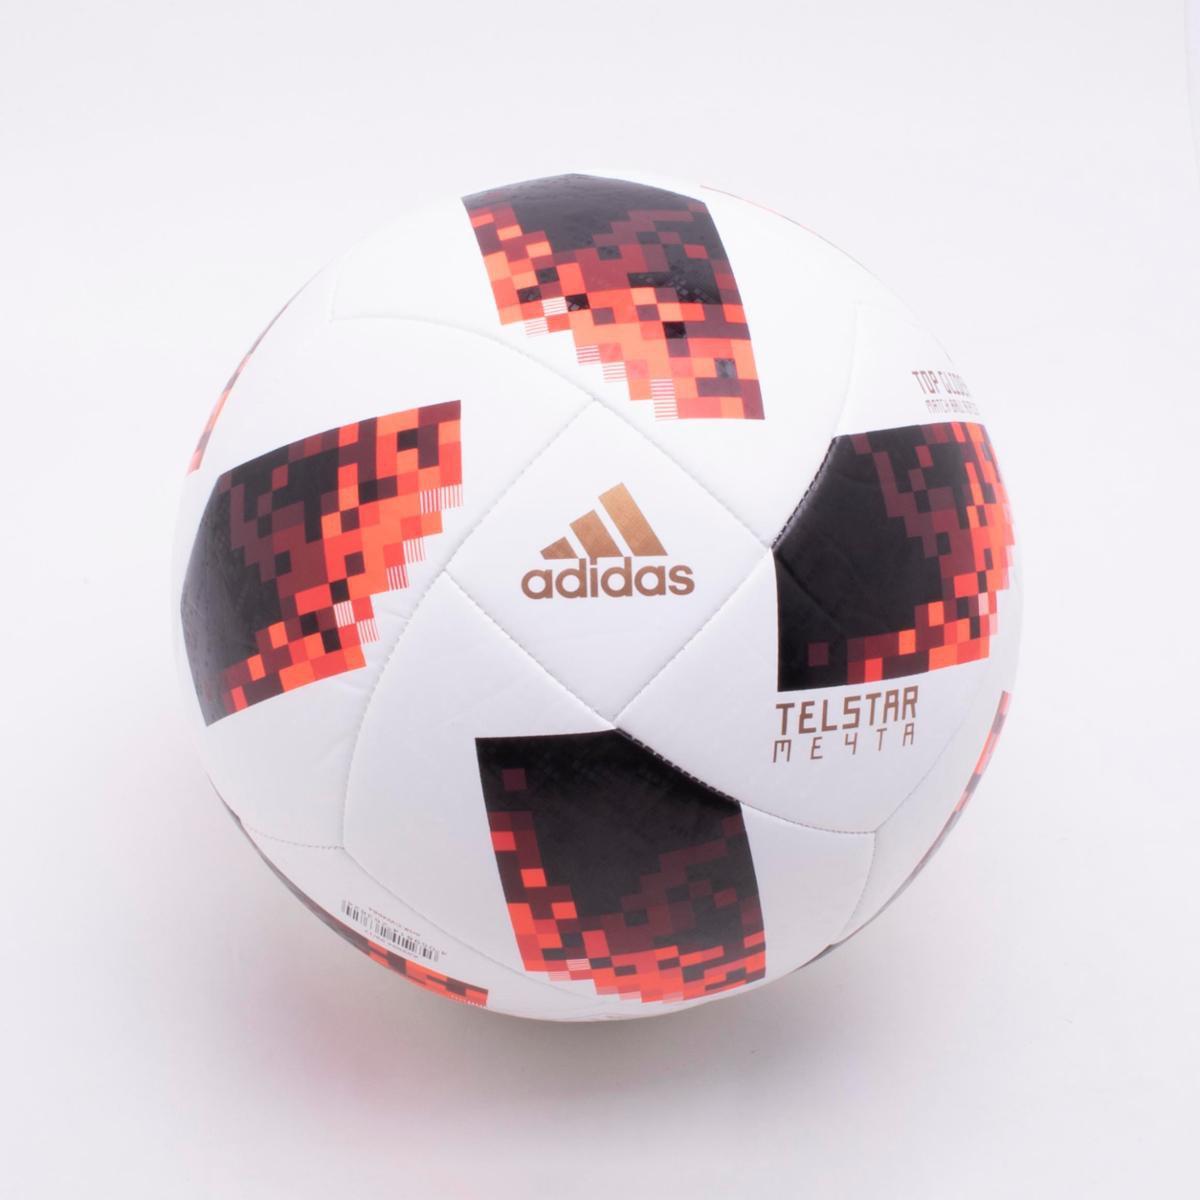 5a8ebf0f79fc8 Bola de Futebol Campo Adidas Telstar 18 Top Glider Réplica Mata-Mata Copa  do Mundo FIFA - Branco e Vermelho - Compre Agora